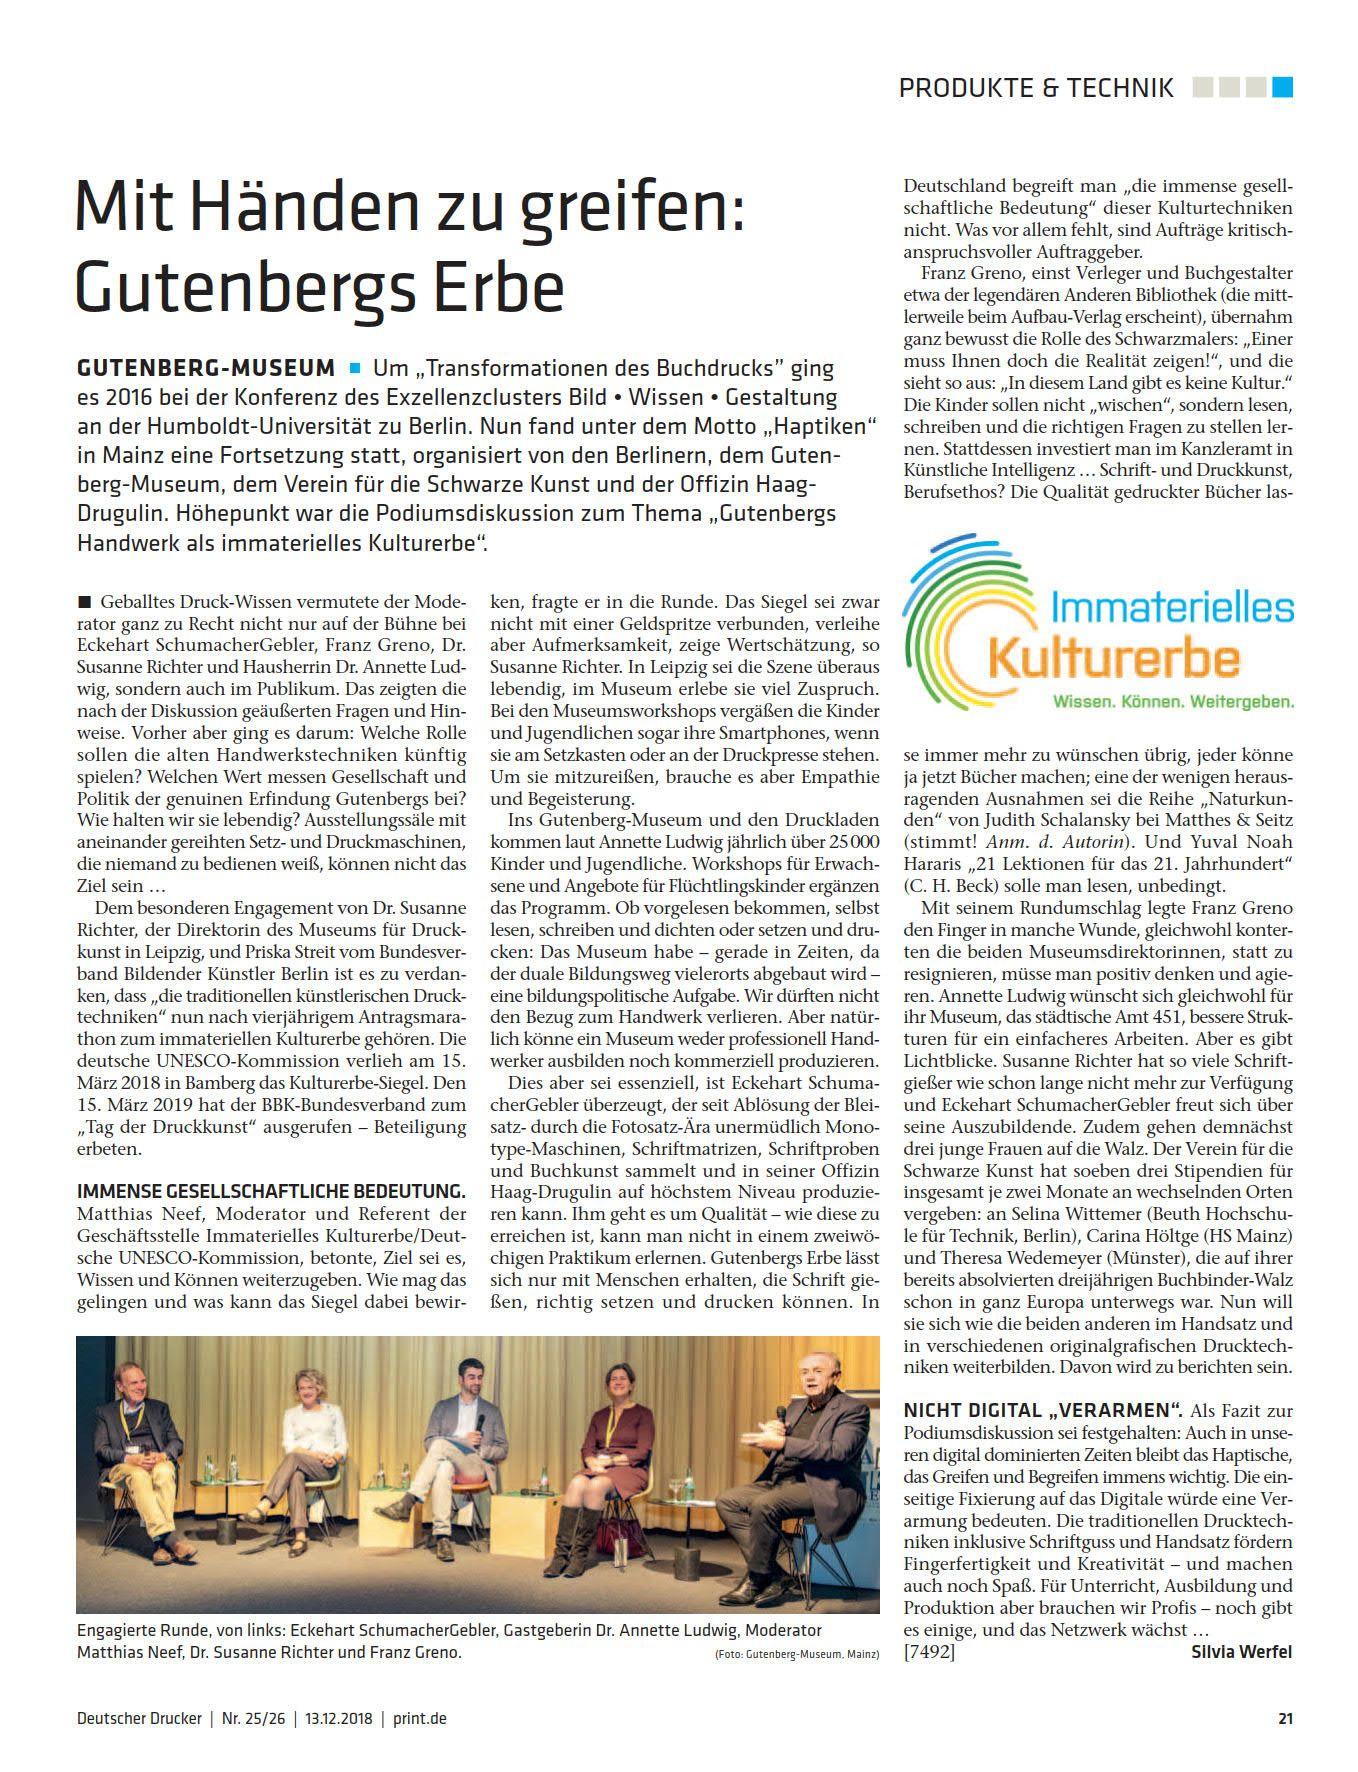 »Mit Händen zu greifen: Gutenbergs Erbe«